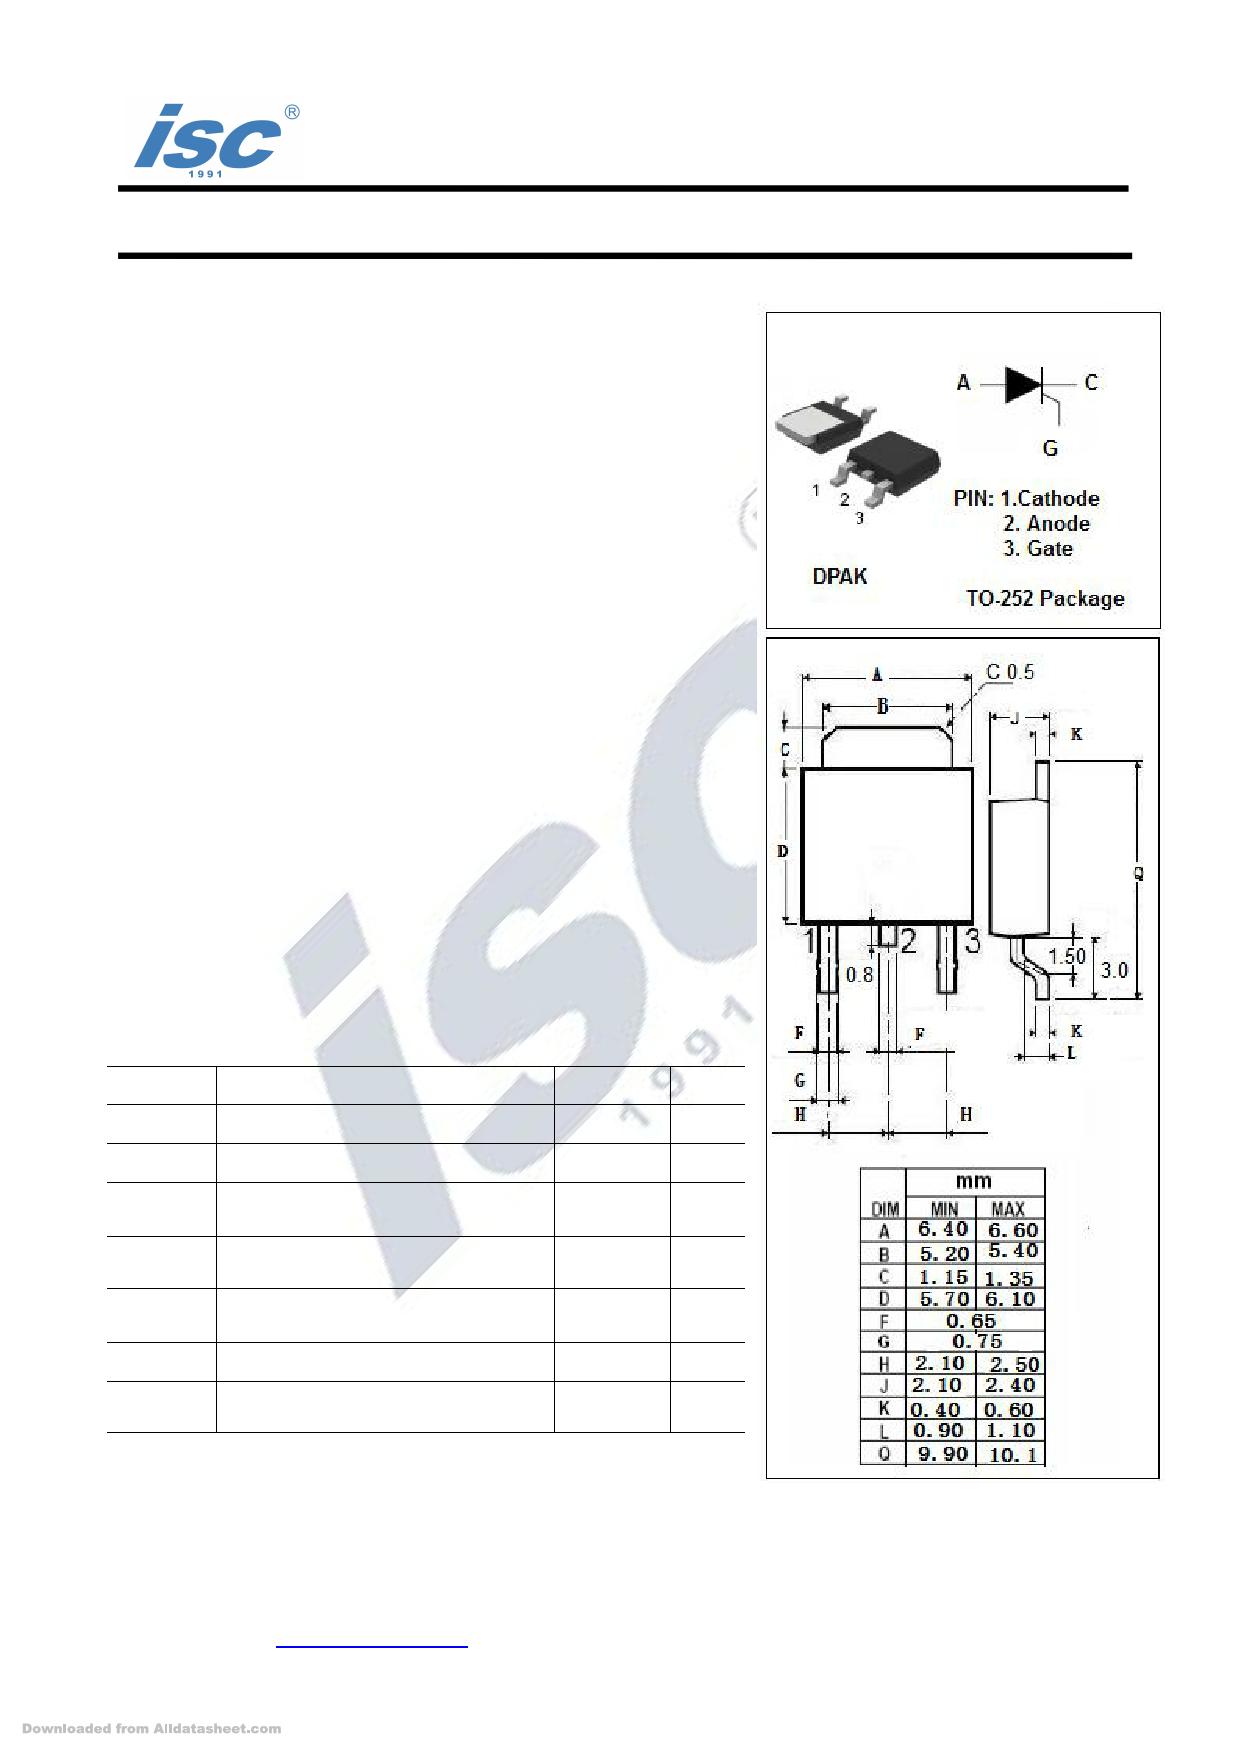 2P4M-D 데이터시트 및 2P4M-D PDF